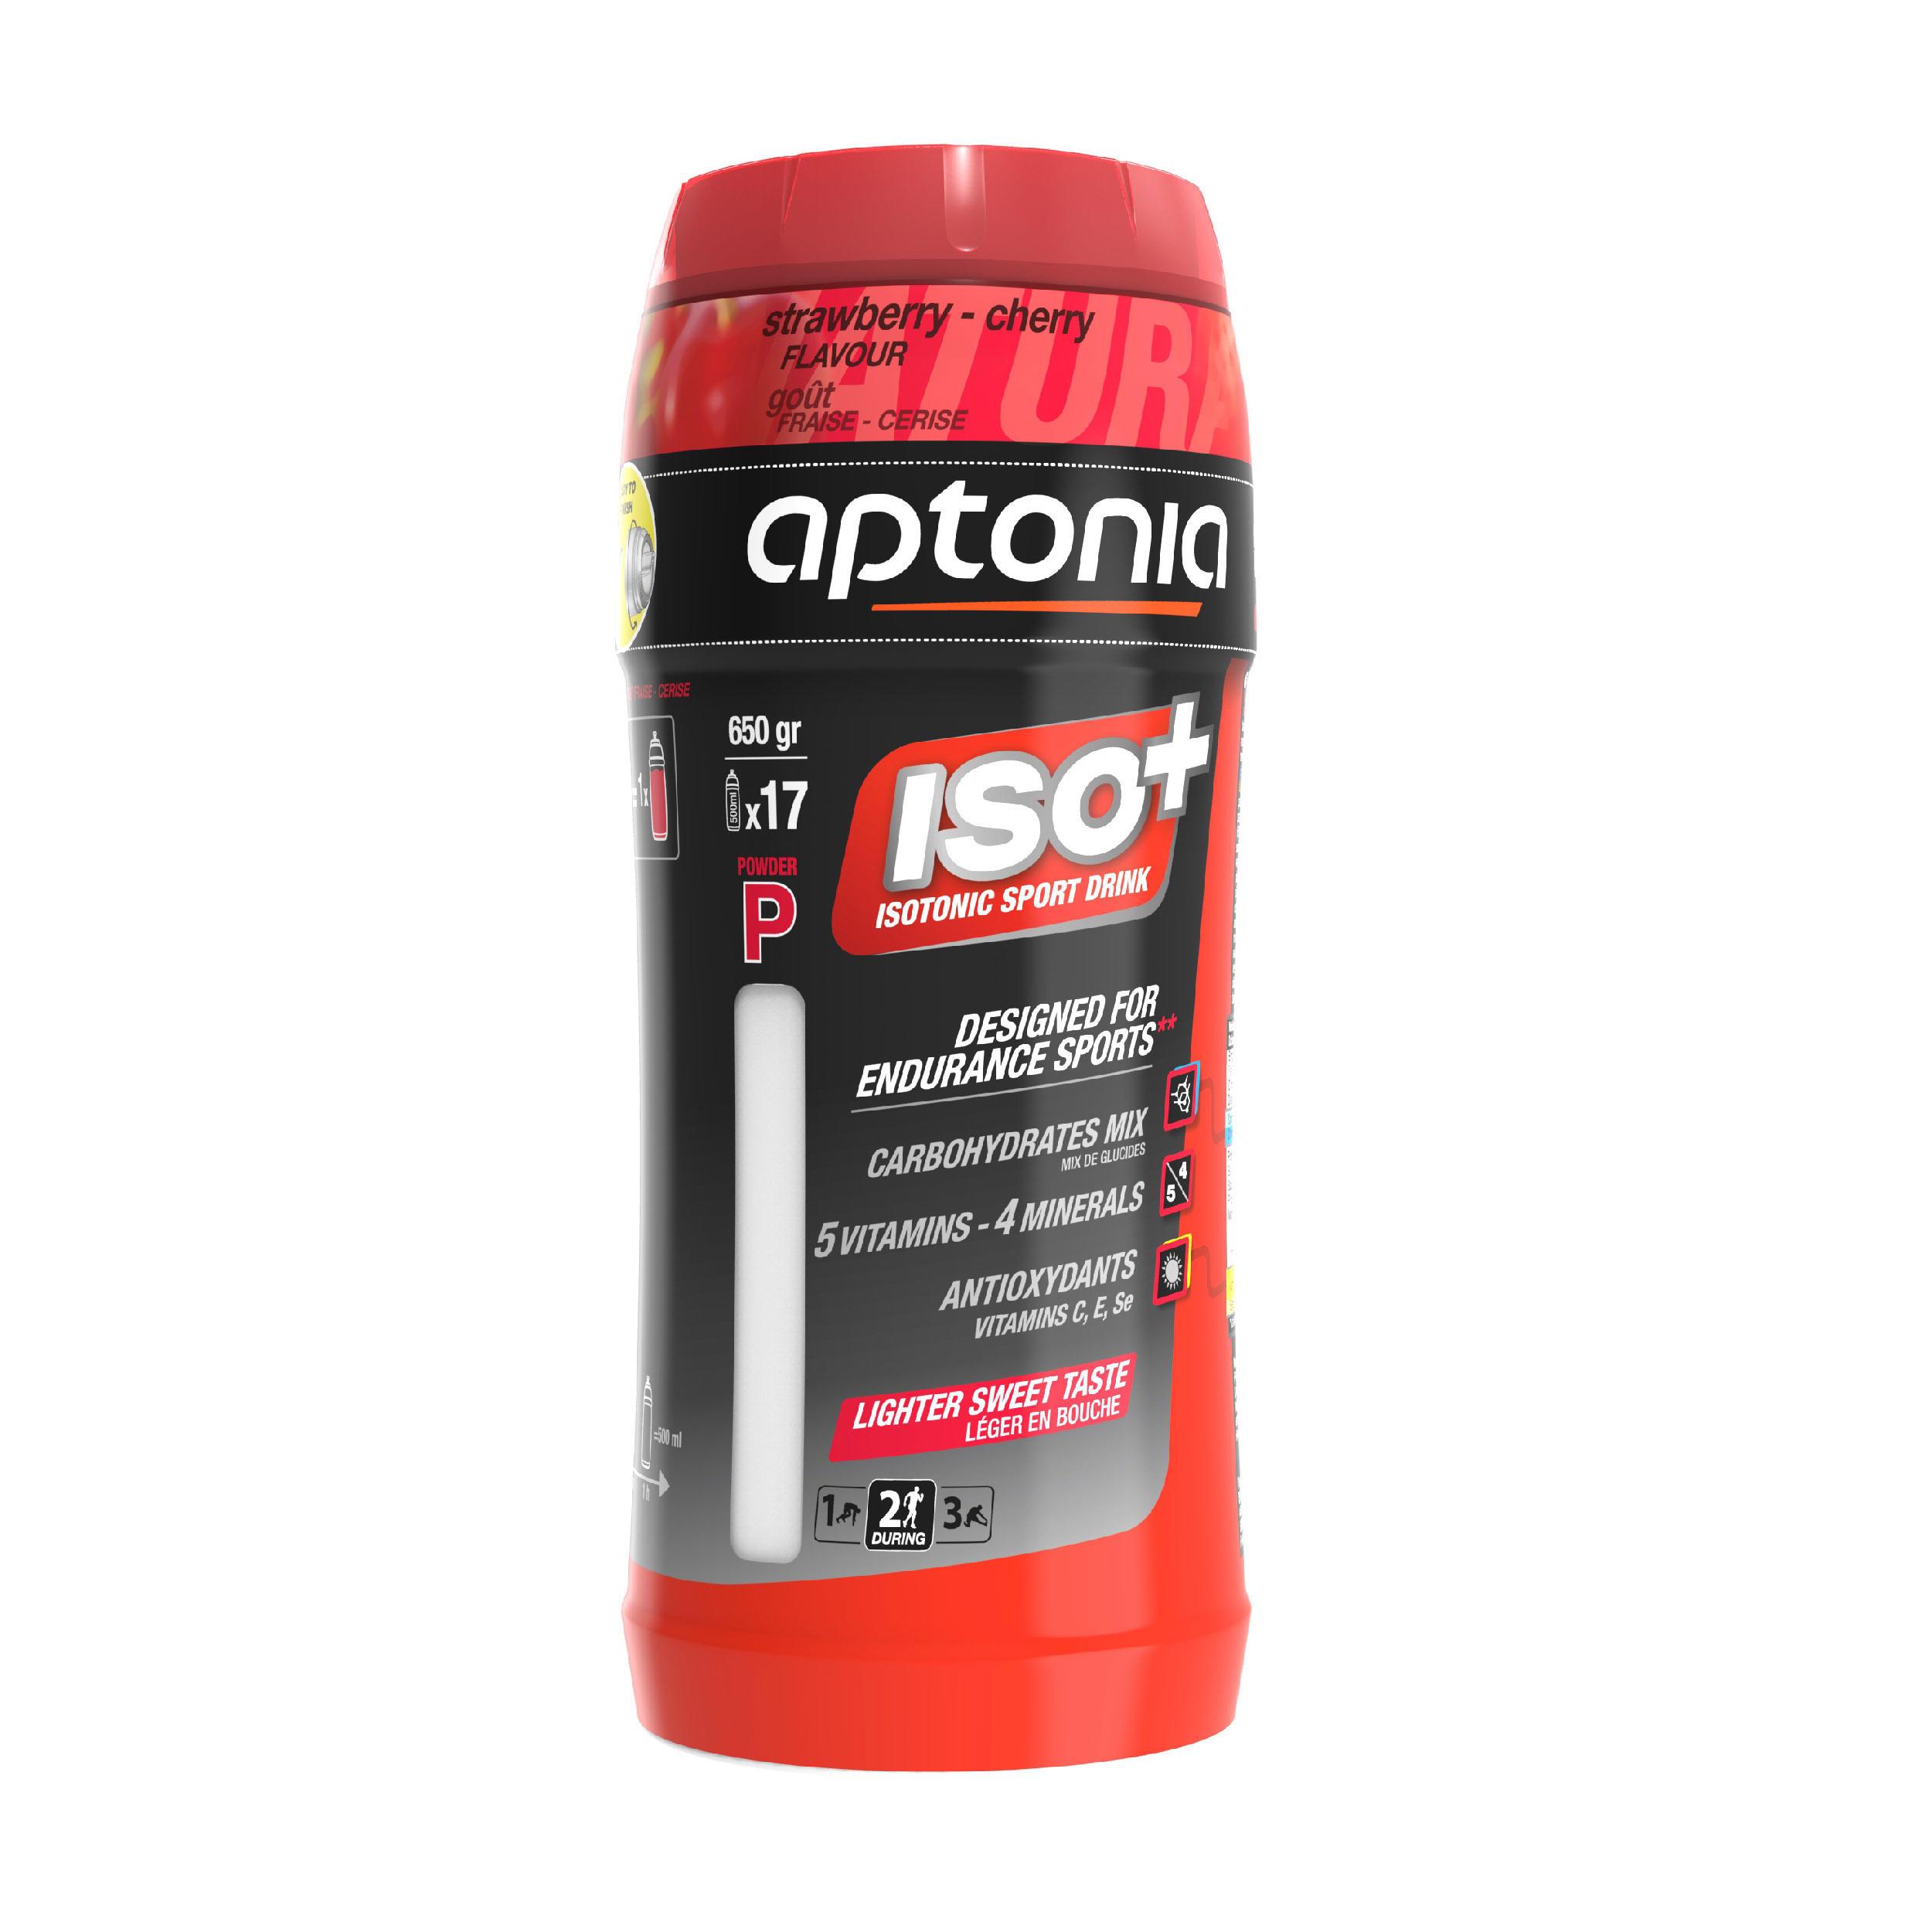 Aptonia Isotone drank in poedervorm ISO+ aardbei-kers 650 g kopen? Sport accessoires met voordeel vind je hier